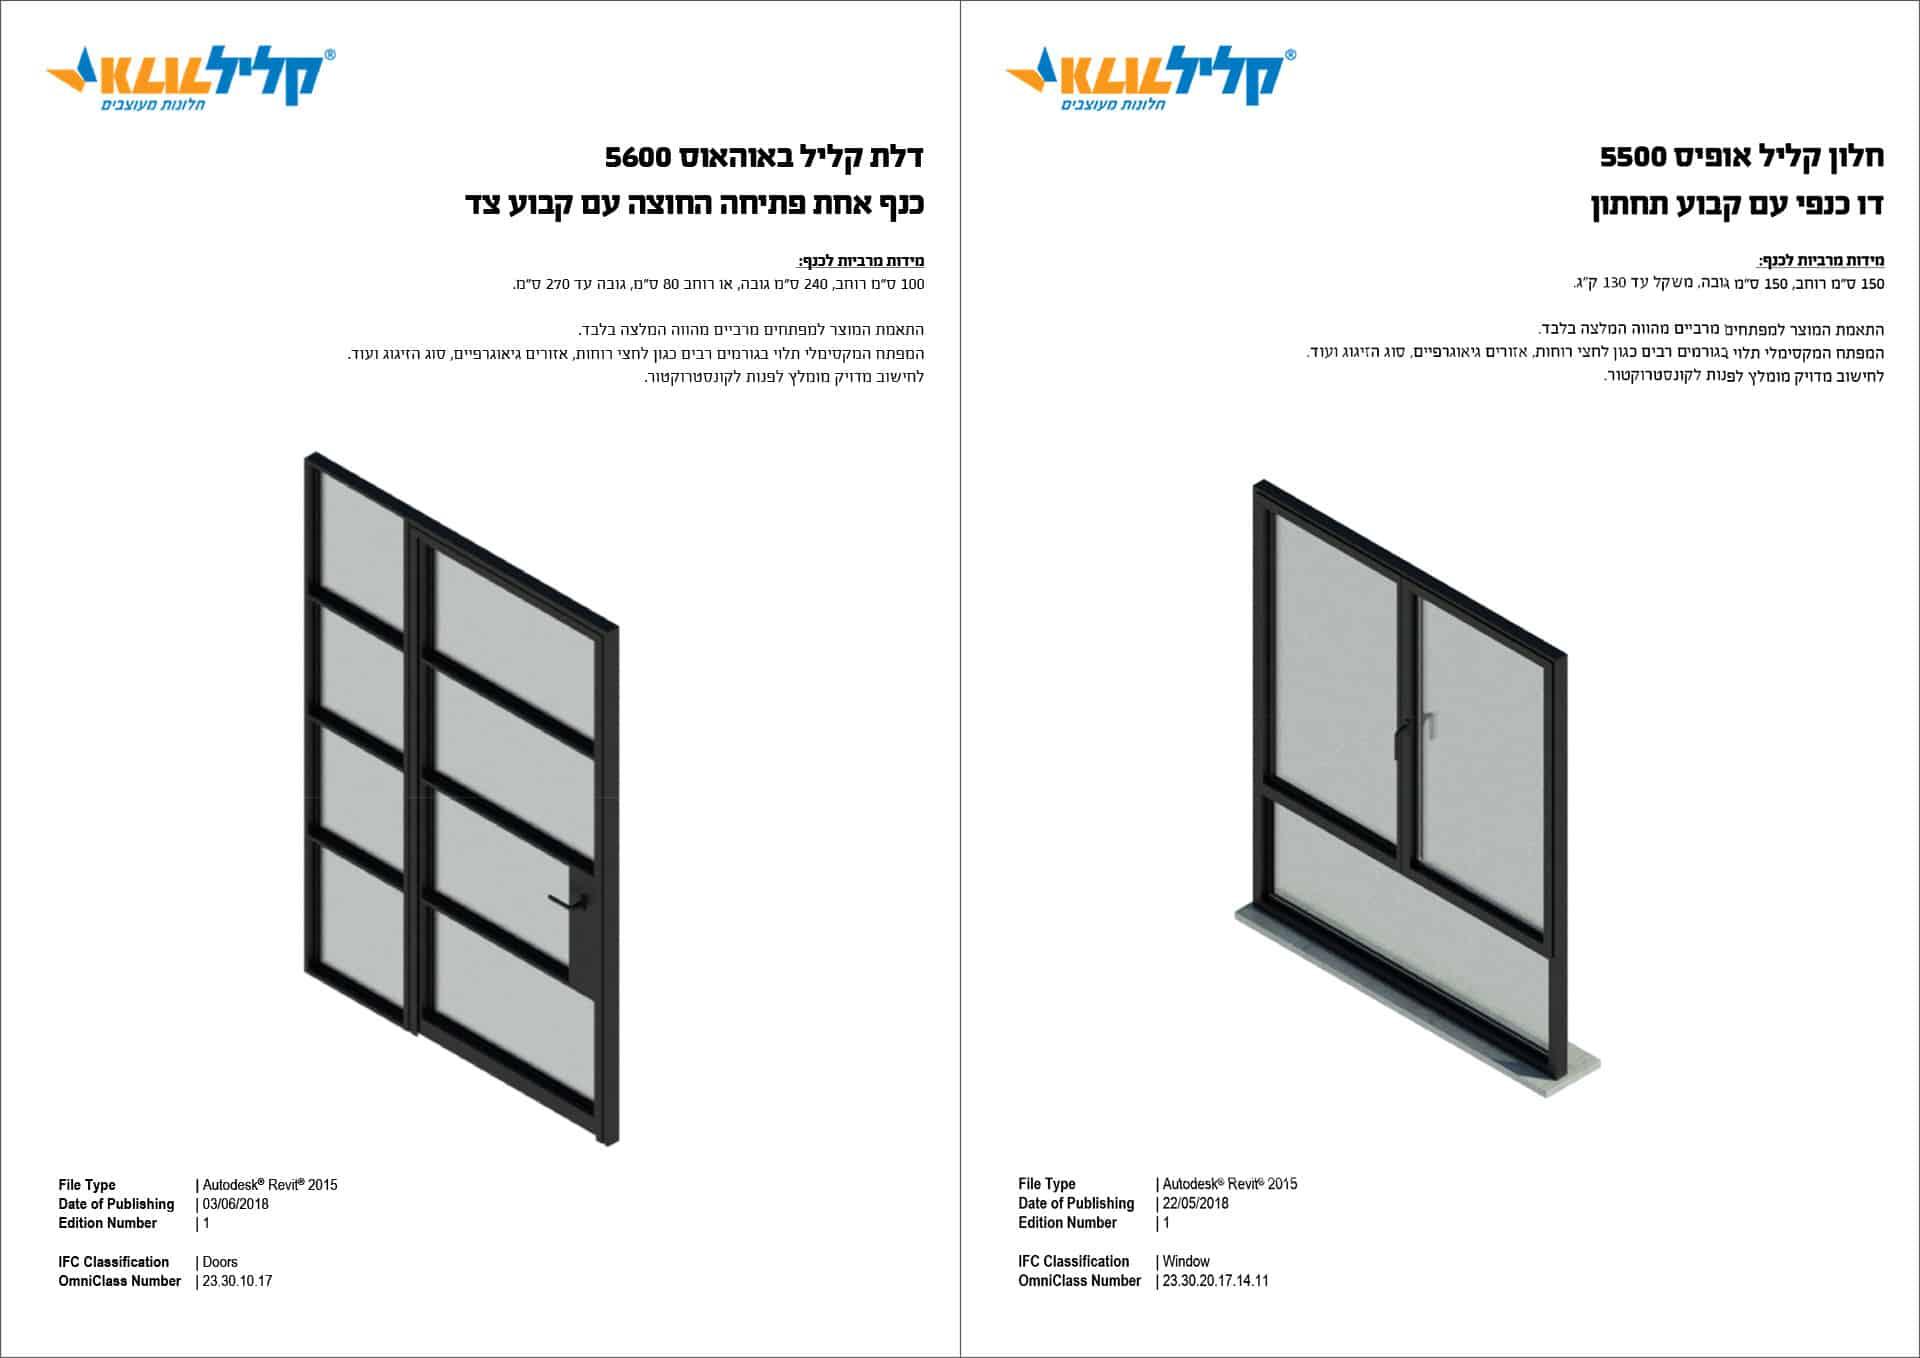 איך מורידים חלונות של קליל לרוויט? 2